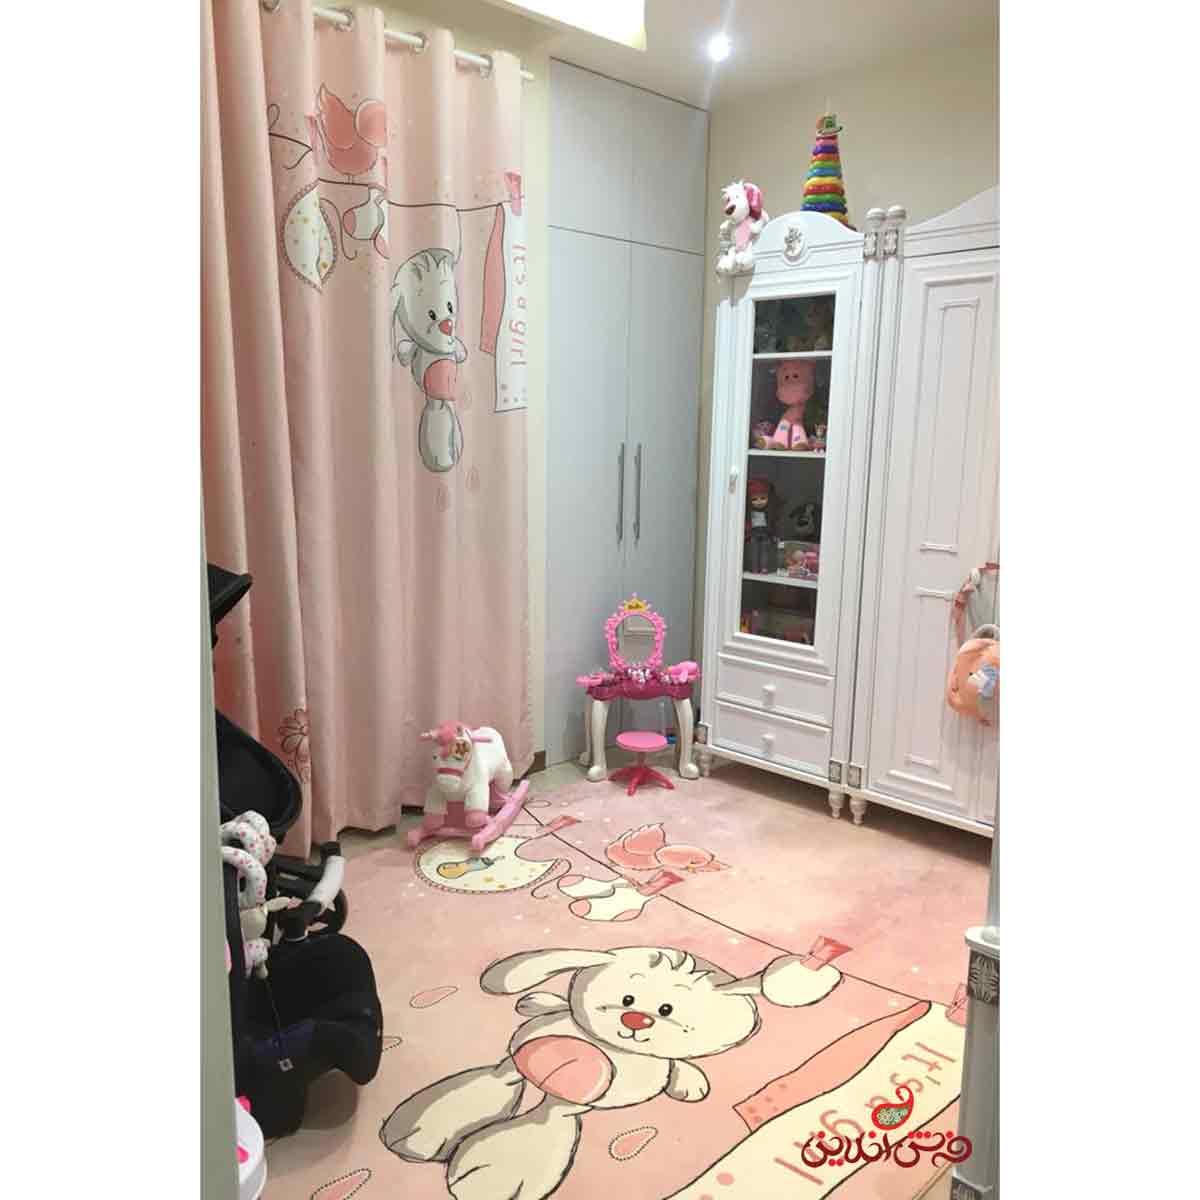 پرده 2عددی کودک طرح خرگوش و بند رخت کد 2221